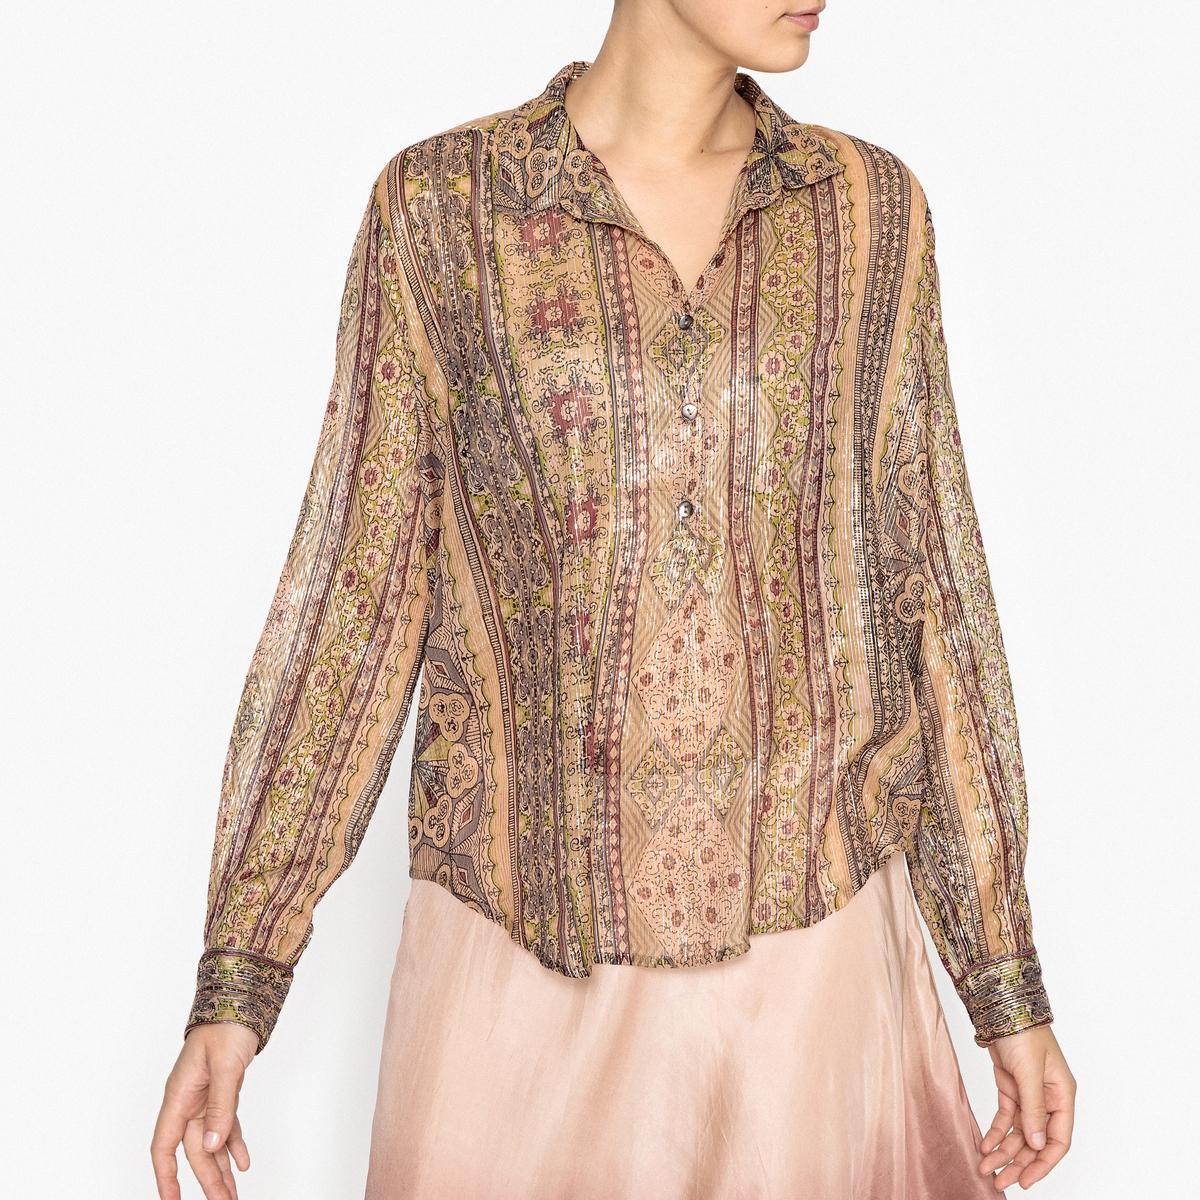 Рубашка блестящая с рисунком ALEISKРубашка полупрозрачная с рисунком MES DEMOISELLES - модель ALEISK из тонкого блестящего трикотажа с закругленным низом и манжетами на пуговицах.Детали •  Длинные рукава  •  Покрой бойфренд, свободный •  Воротник-поло, рубашечный  •  Рисунок-принтСостав и уход •  95% вискозы, 5% металлизированных волокон •  Следуйте советам по уходу, указанным на этикетке<br><br>Цвет: набивной рисунок